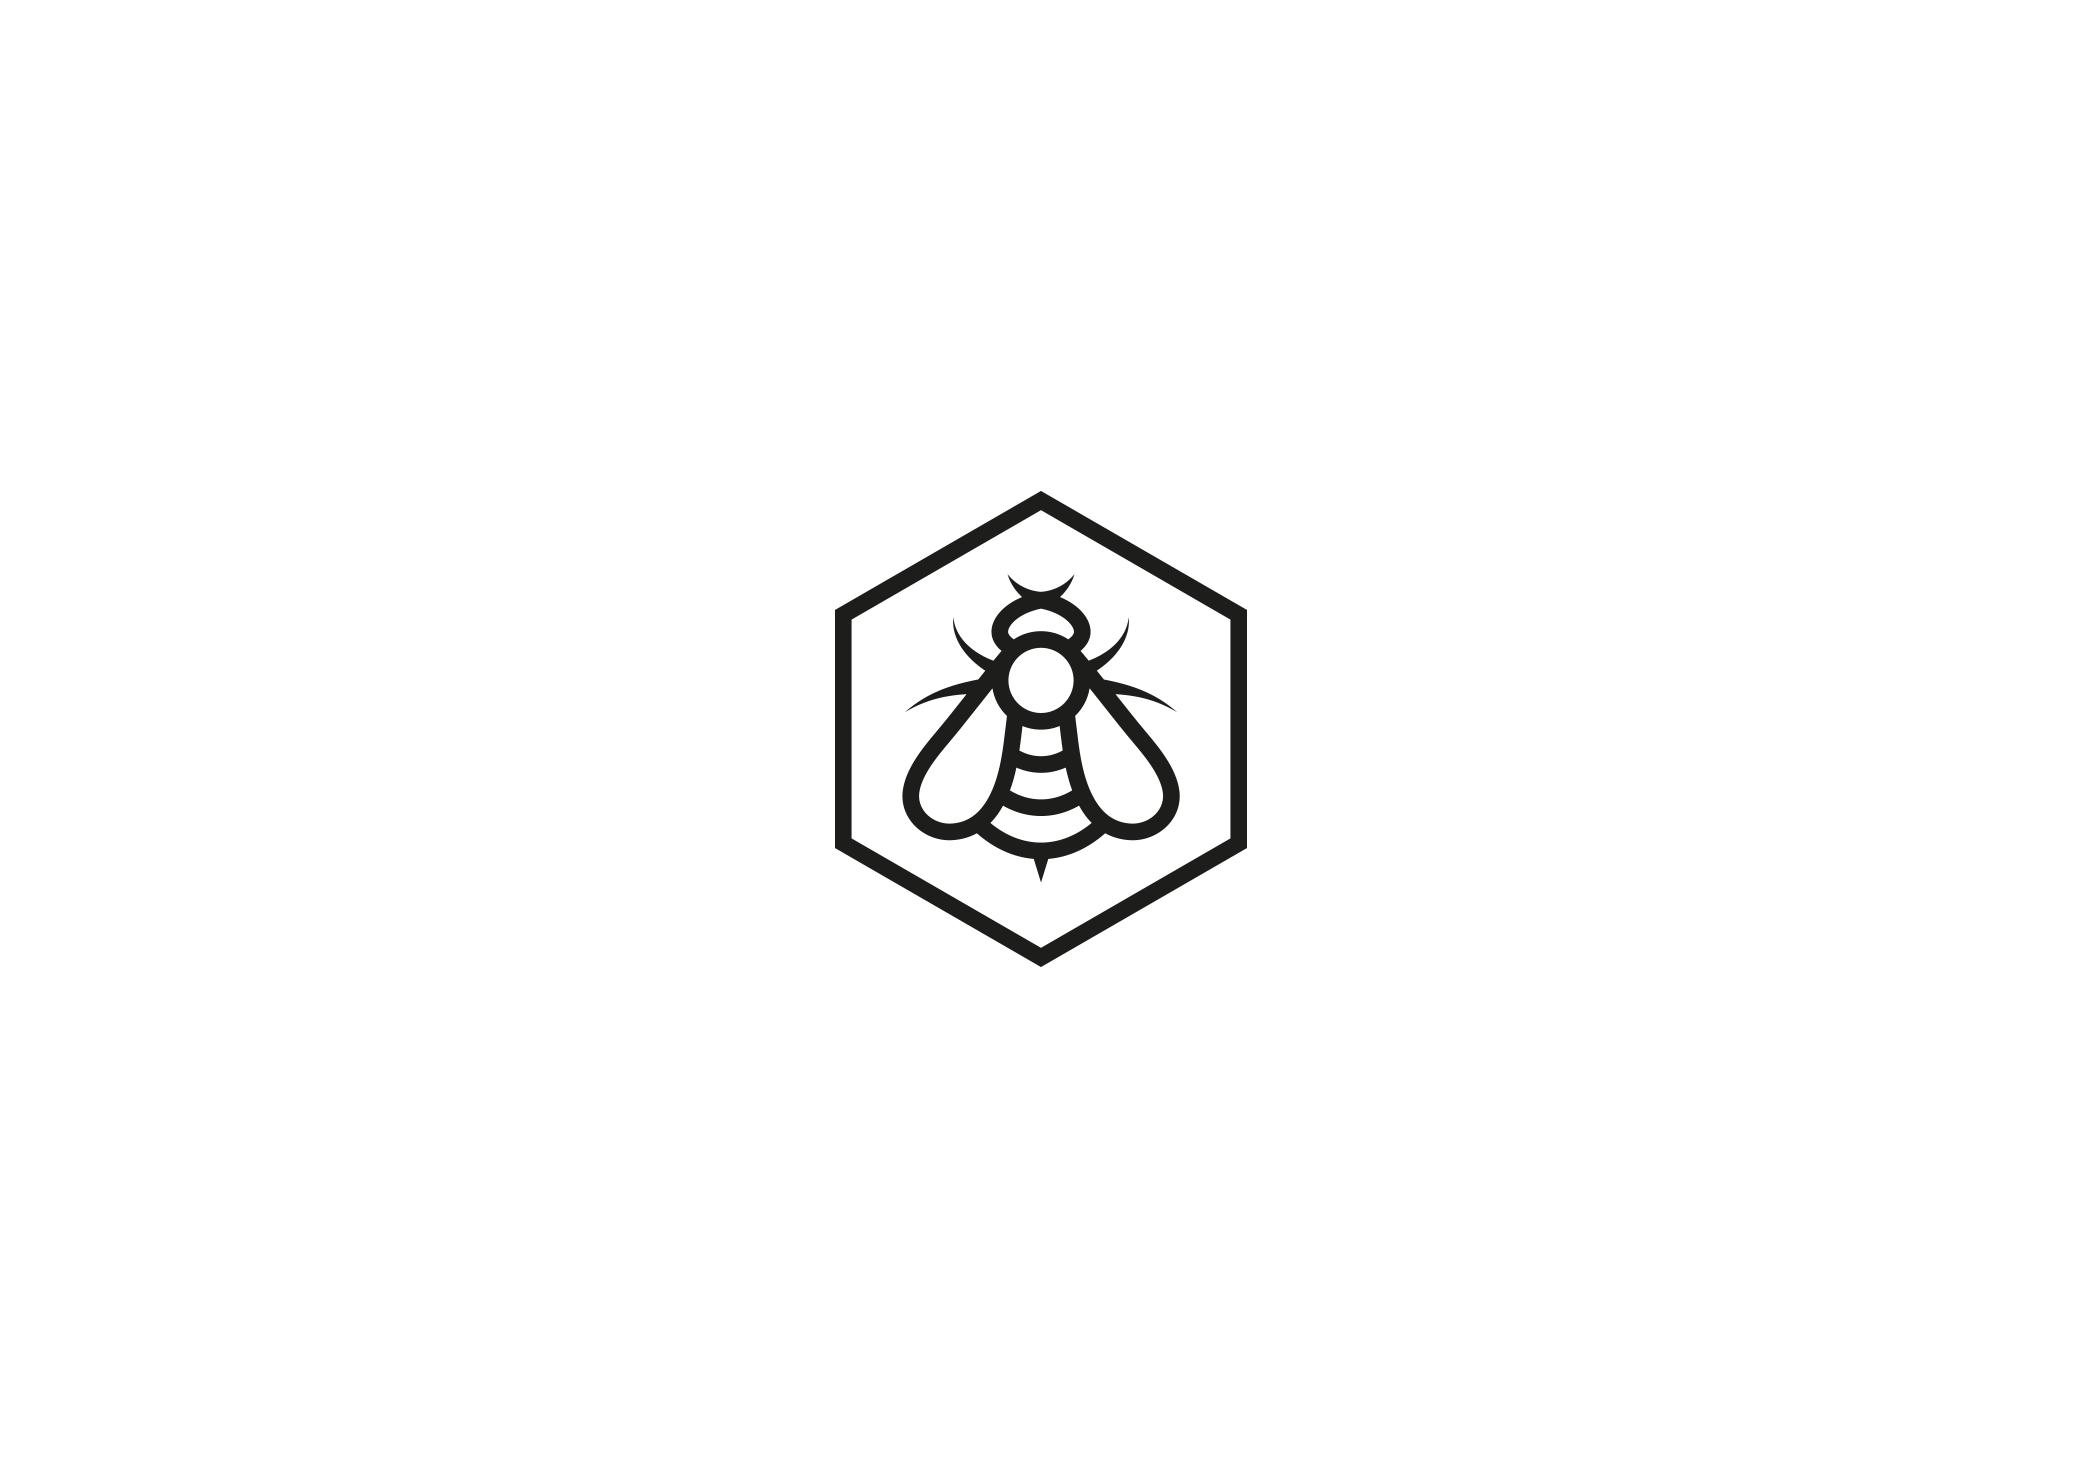 b2479366978 the bee